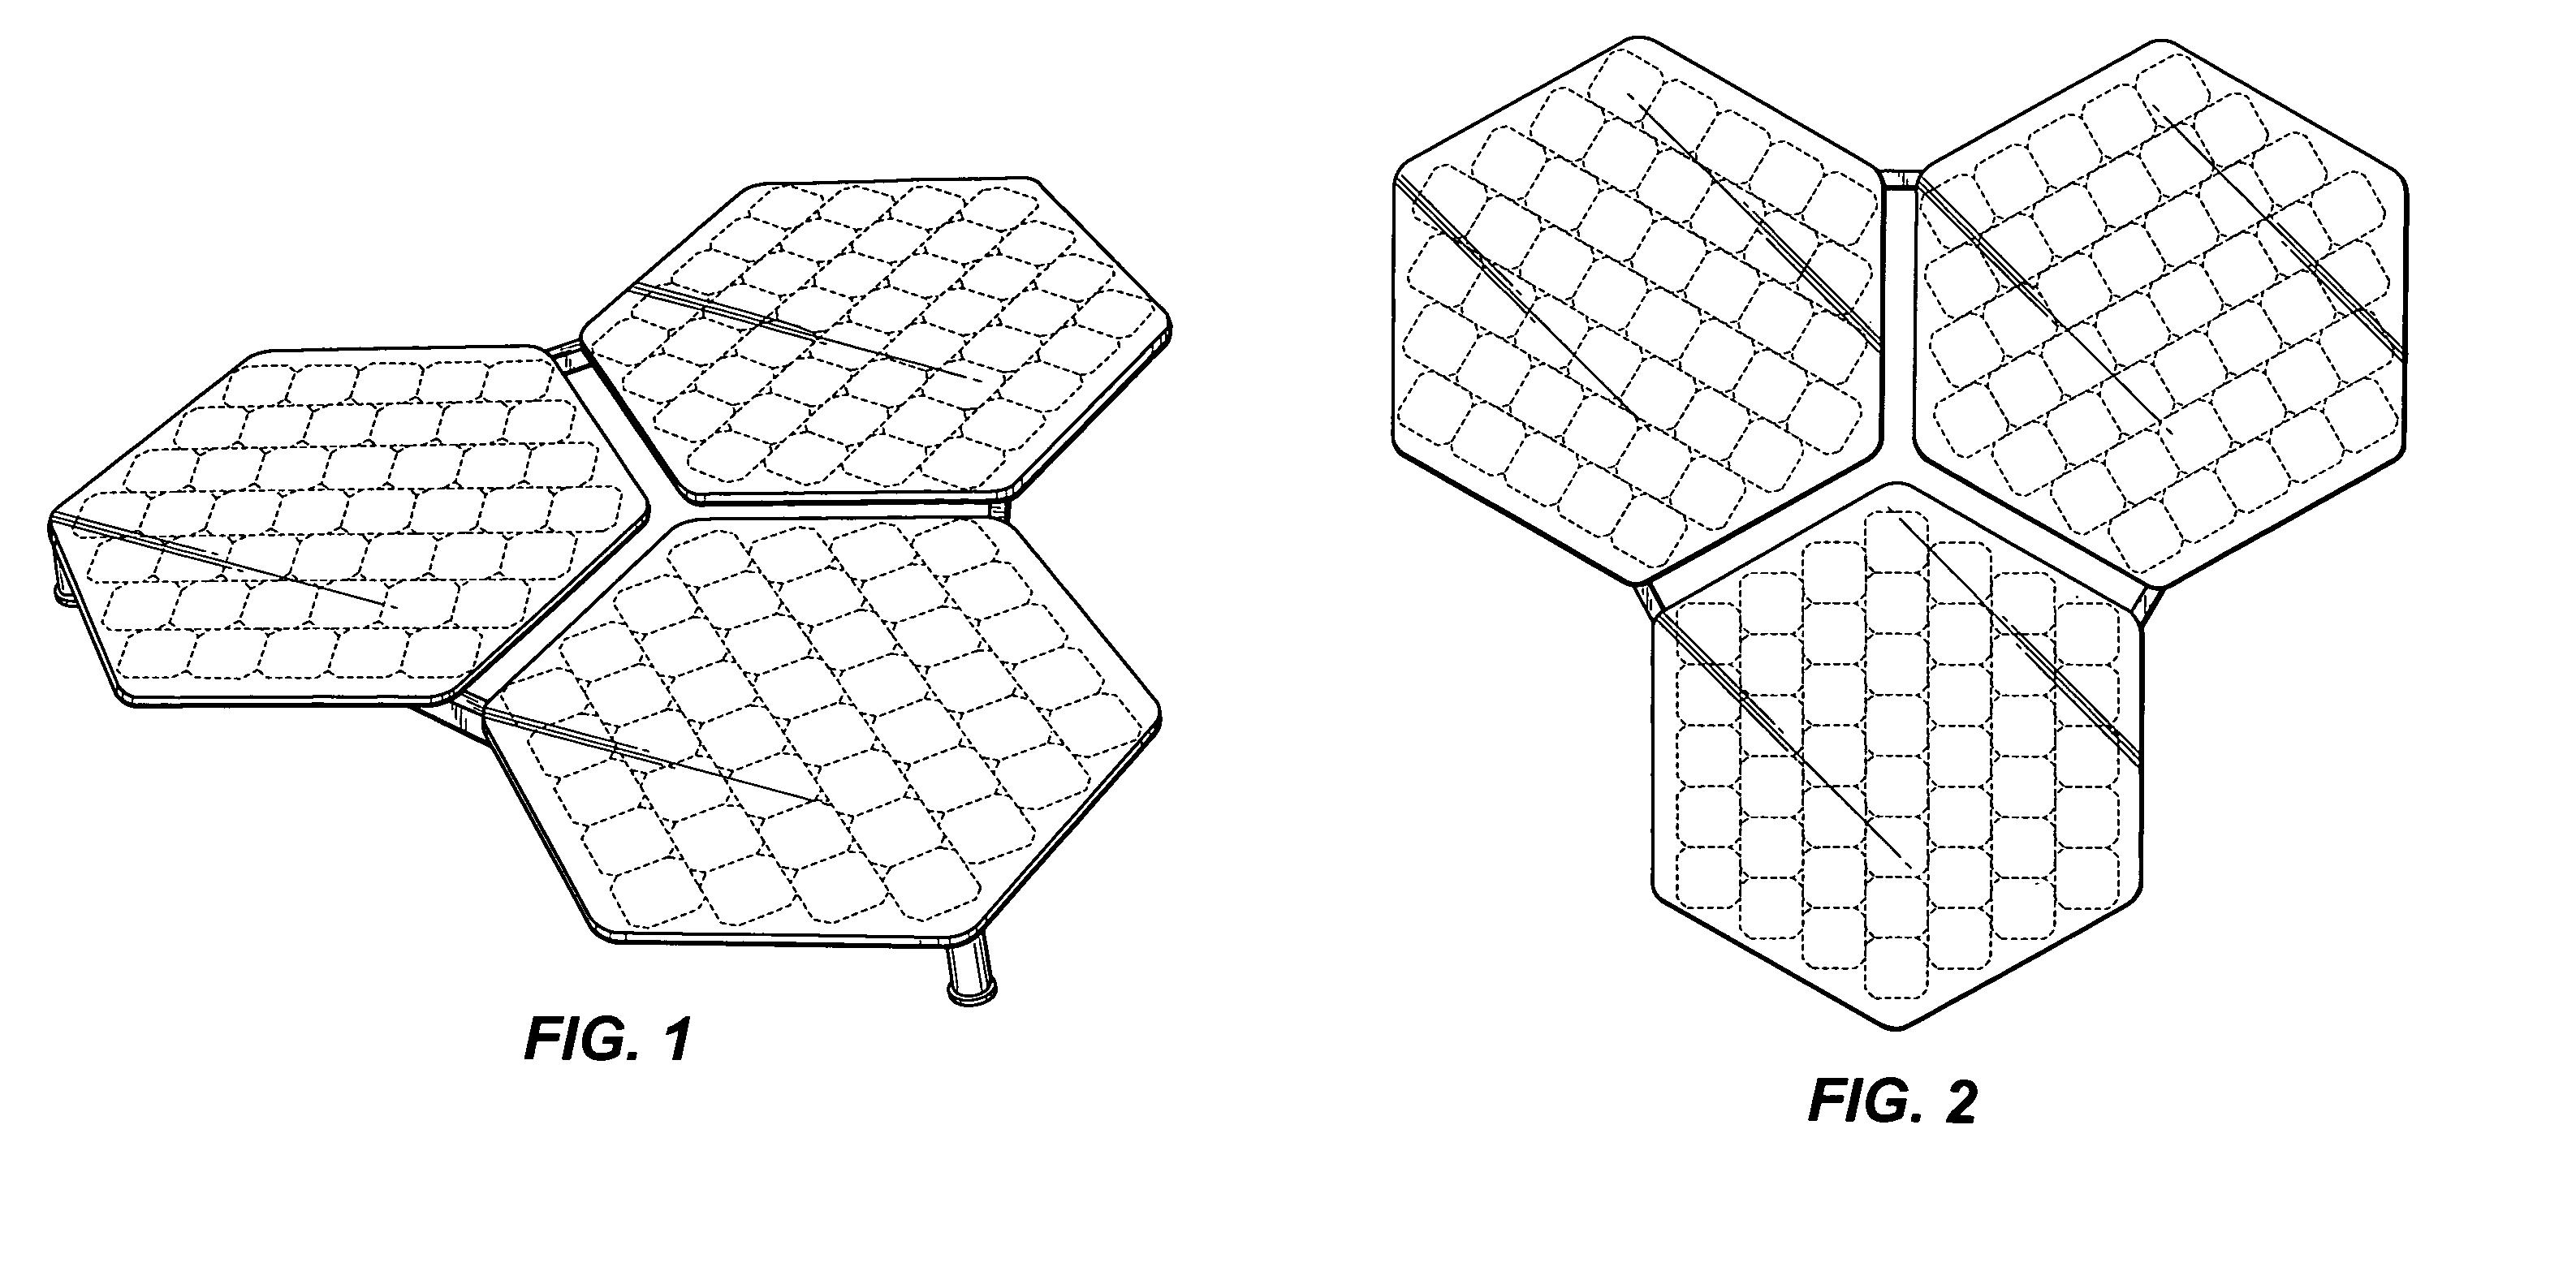 design patent example